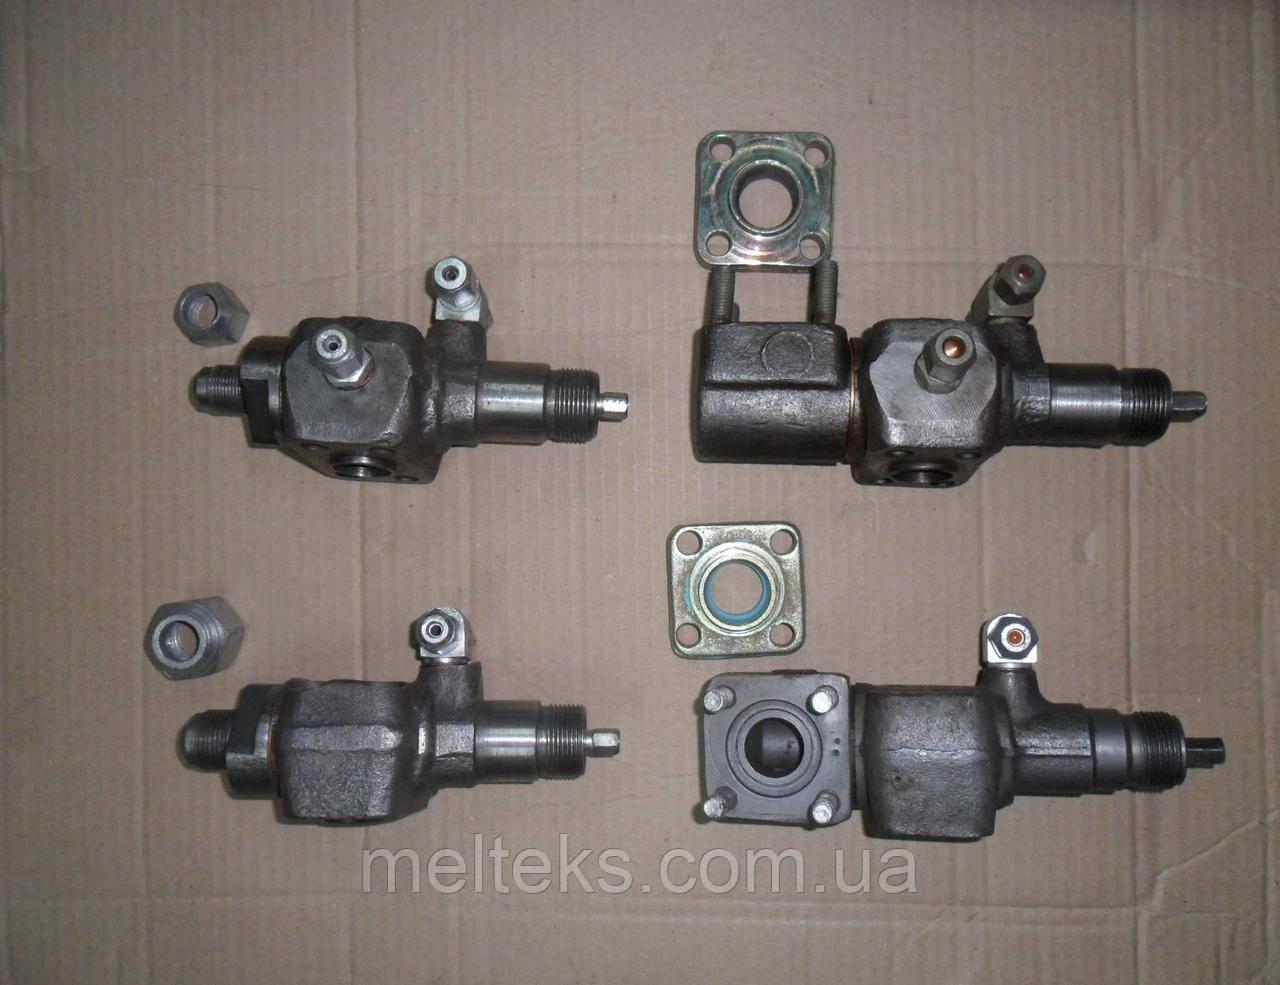 Вентиля компрессора ИФ-56